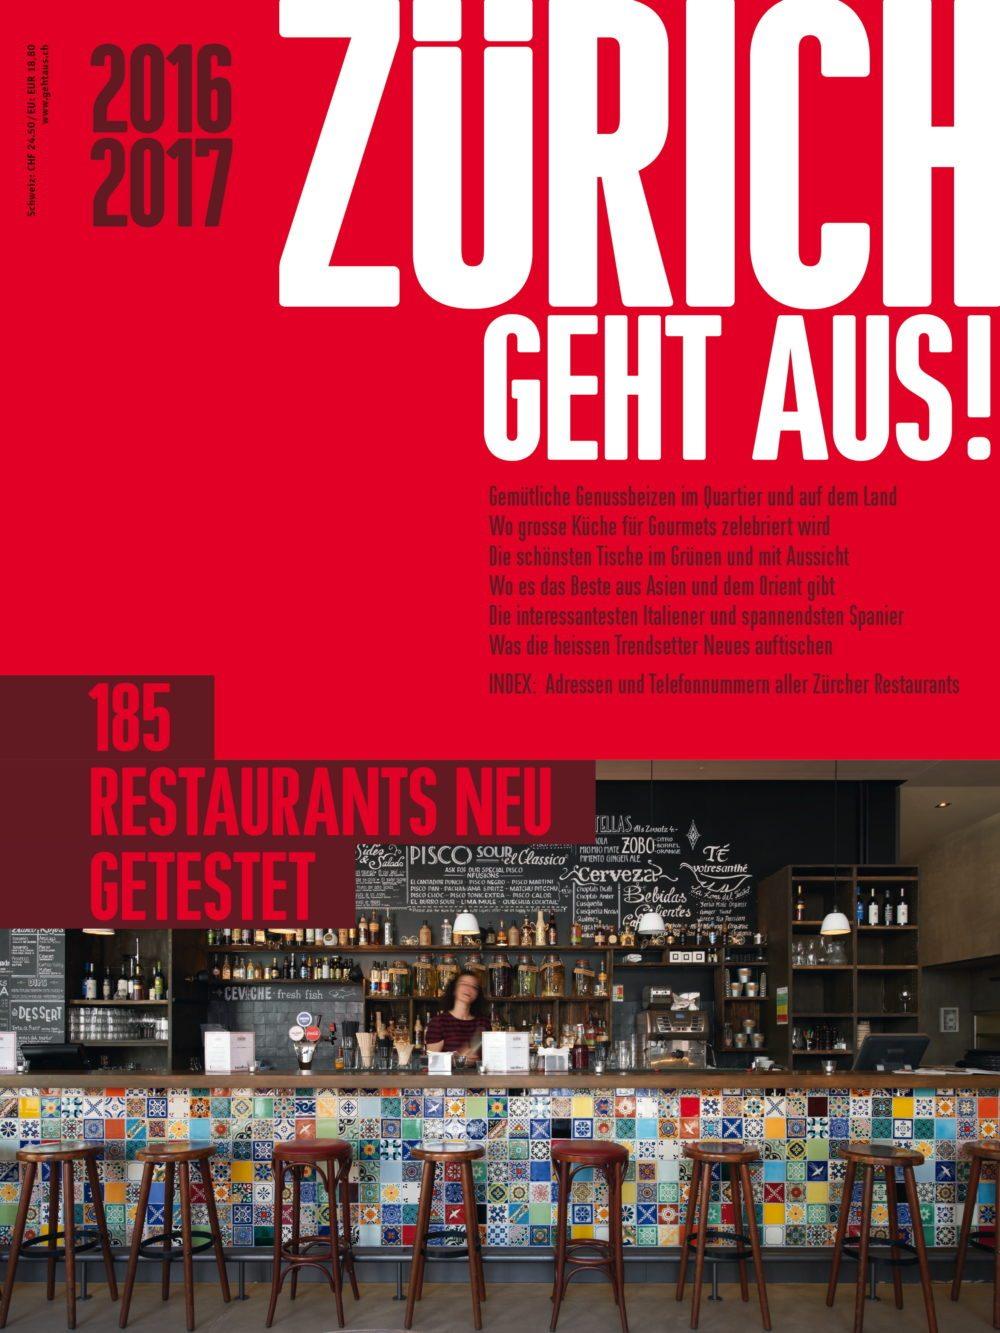 ZÜRICH GEHT AUS! 2016/2017 - Die 185 besten Zürcher Restaurants - www.gehtaus.ch. (Bild: © ZÜRICH GEHT AUS!/www.gehtaus.ch)